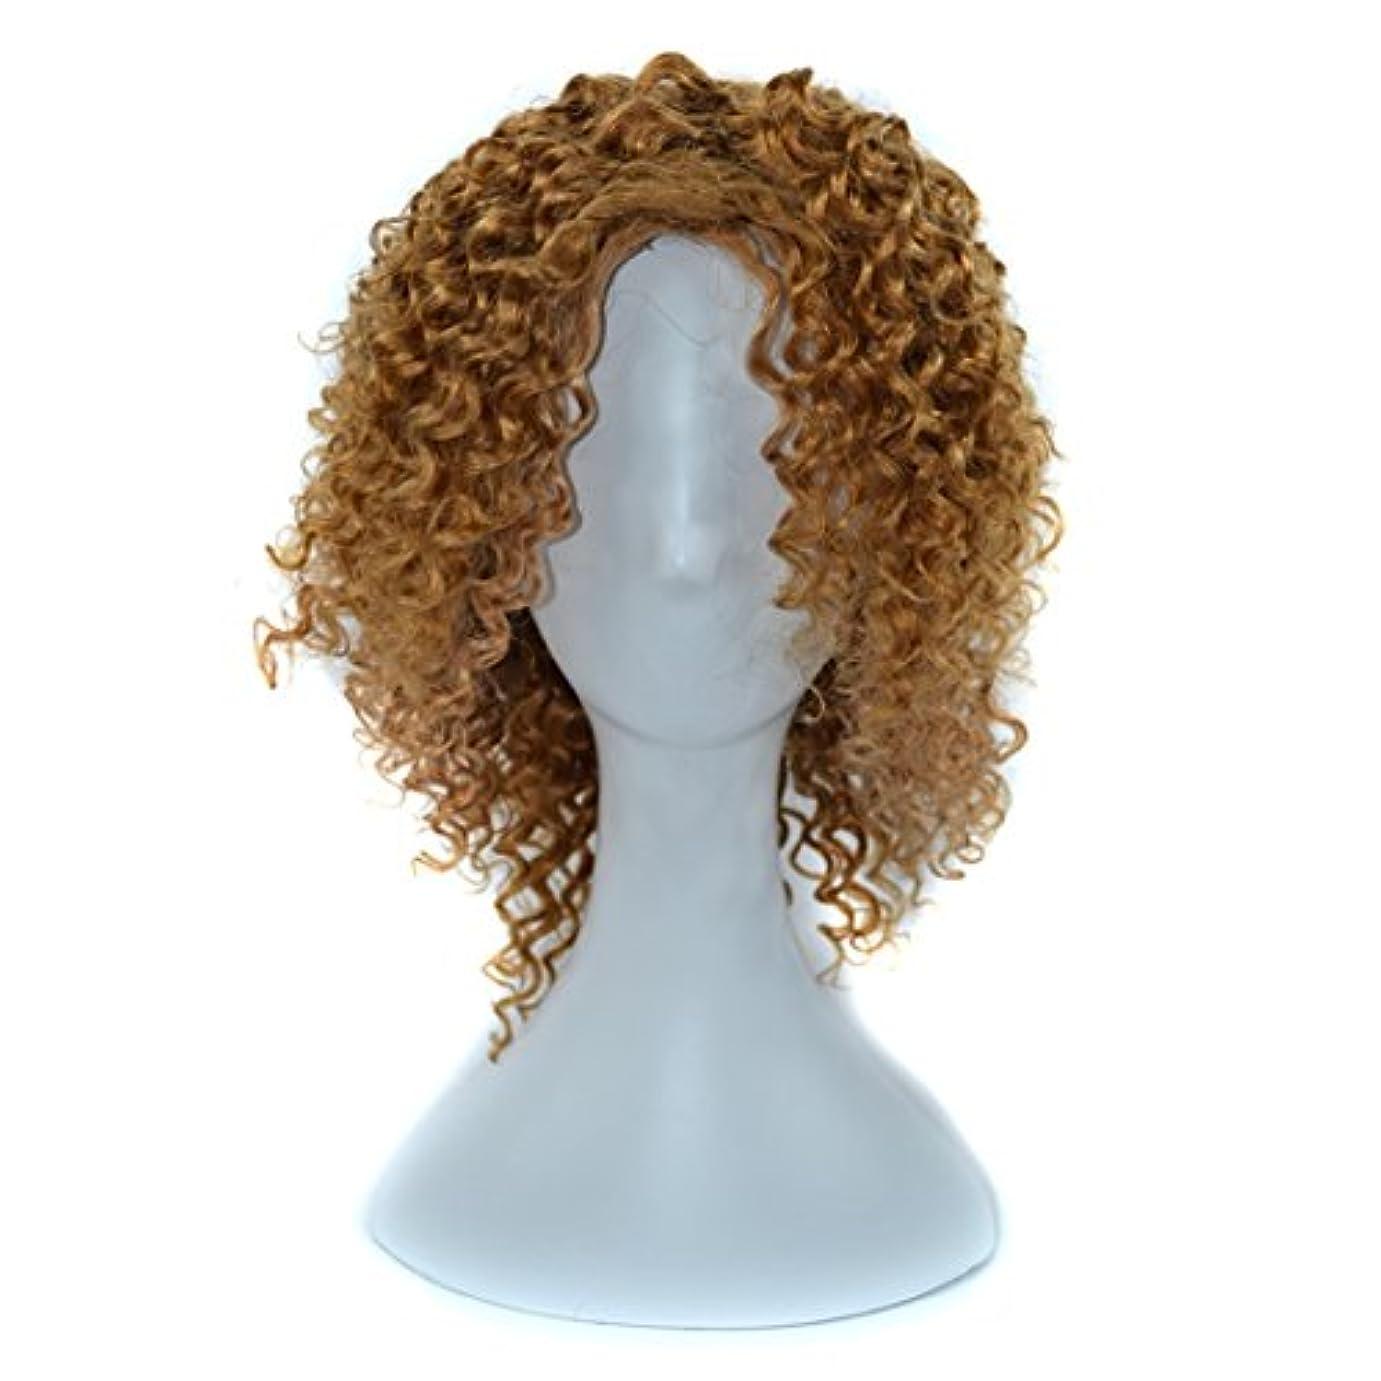 フレアつかの間つかの間JIANFU 女性のための本物の人間の髪ブラックフローティングレッドまたはライトブラウンディープカールウィッグと傾斜バングヘアは染められないウィッグセット14インチ (Color : Light brown)